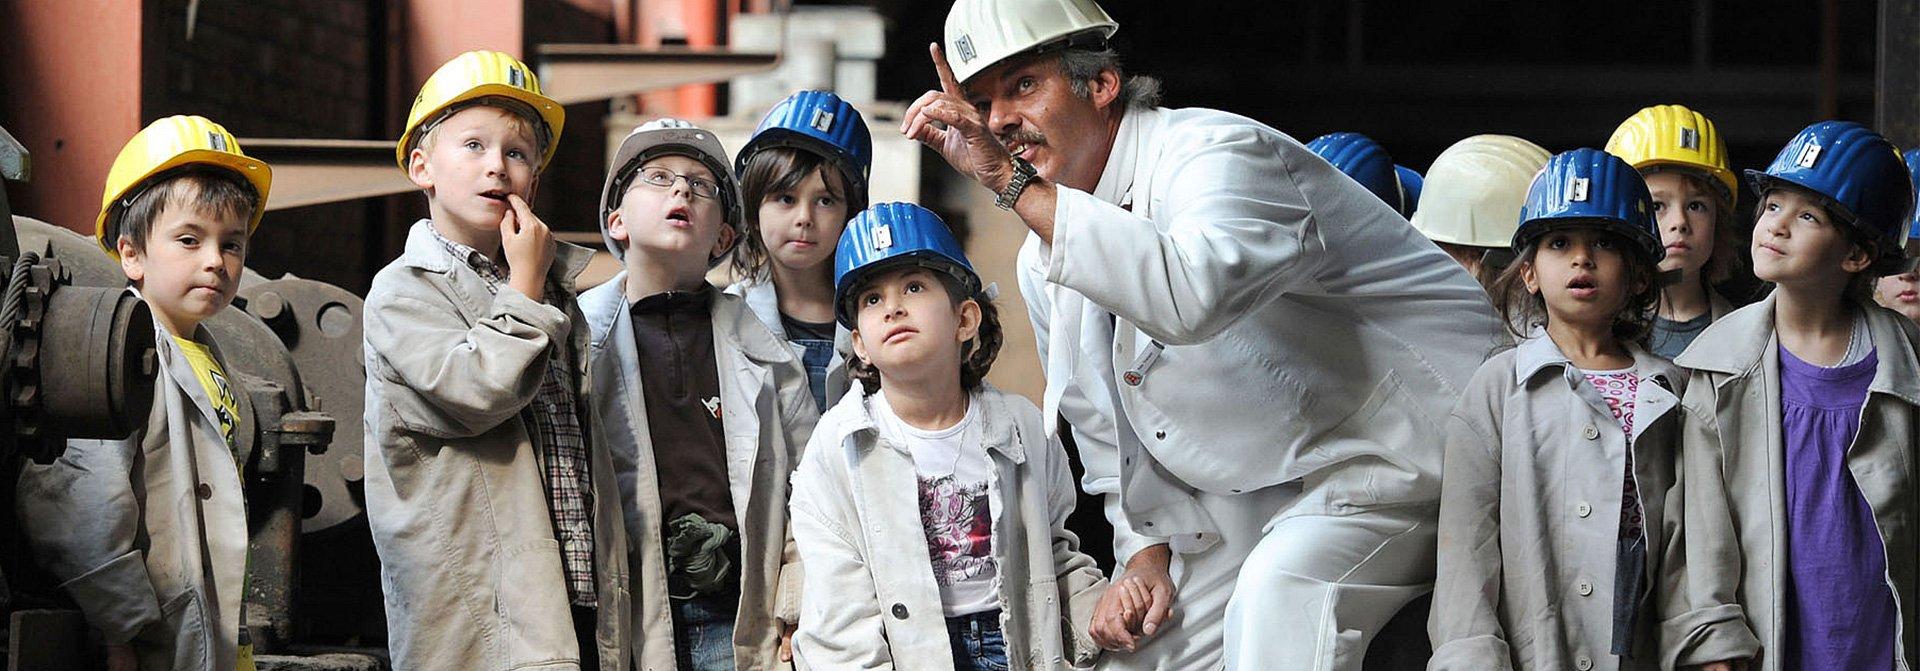 Kinder mit Bauhelm und Schürze hören einem Arbeiter zu